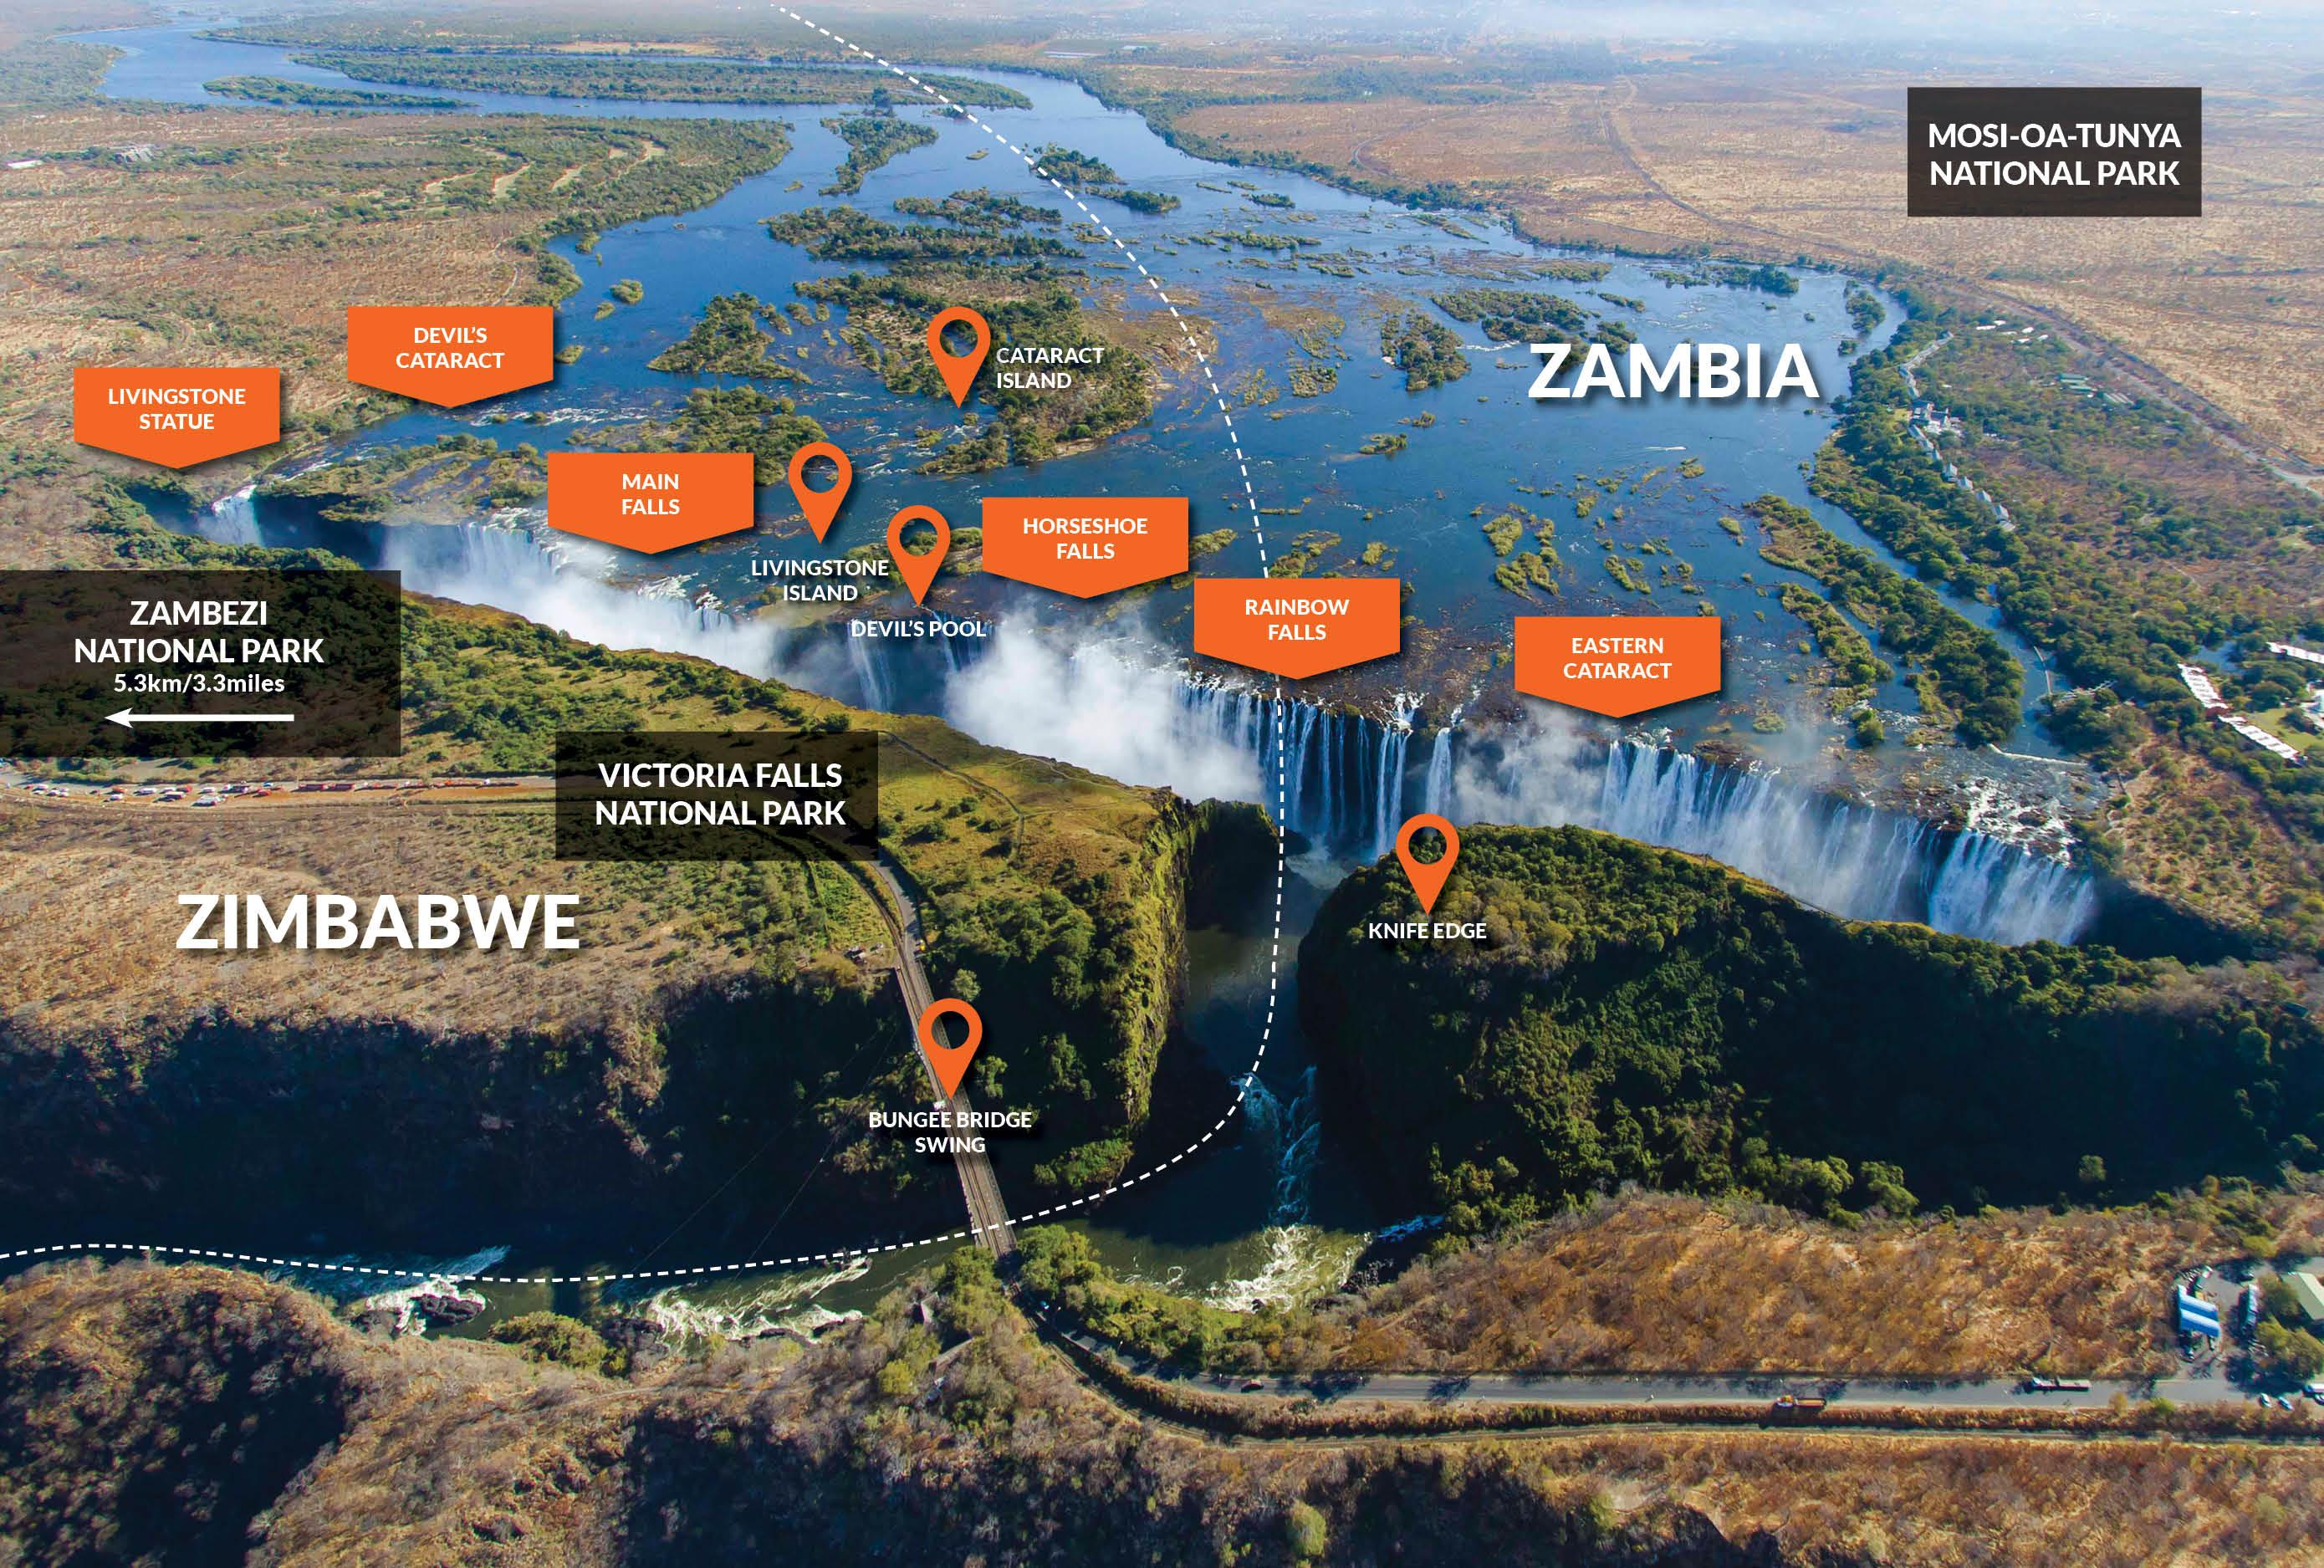 Map Of Livingstone Island Zambia